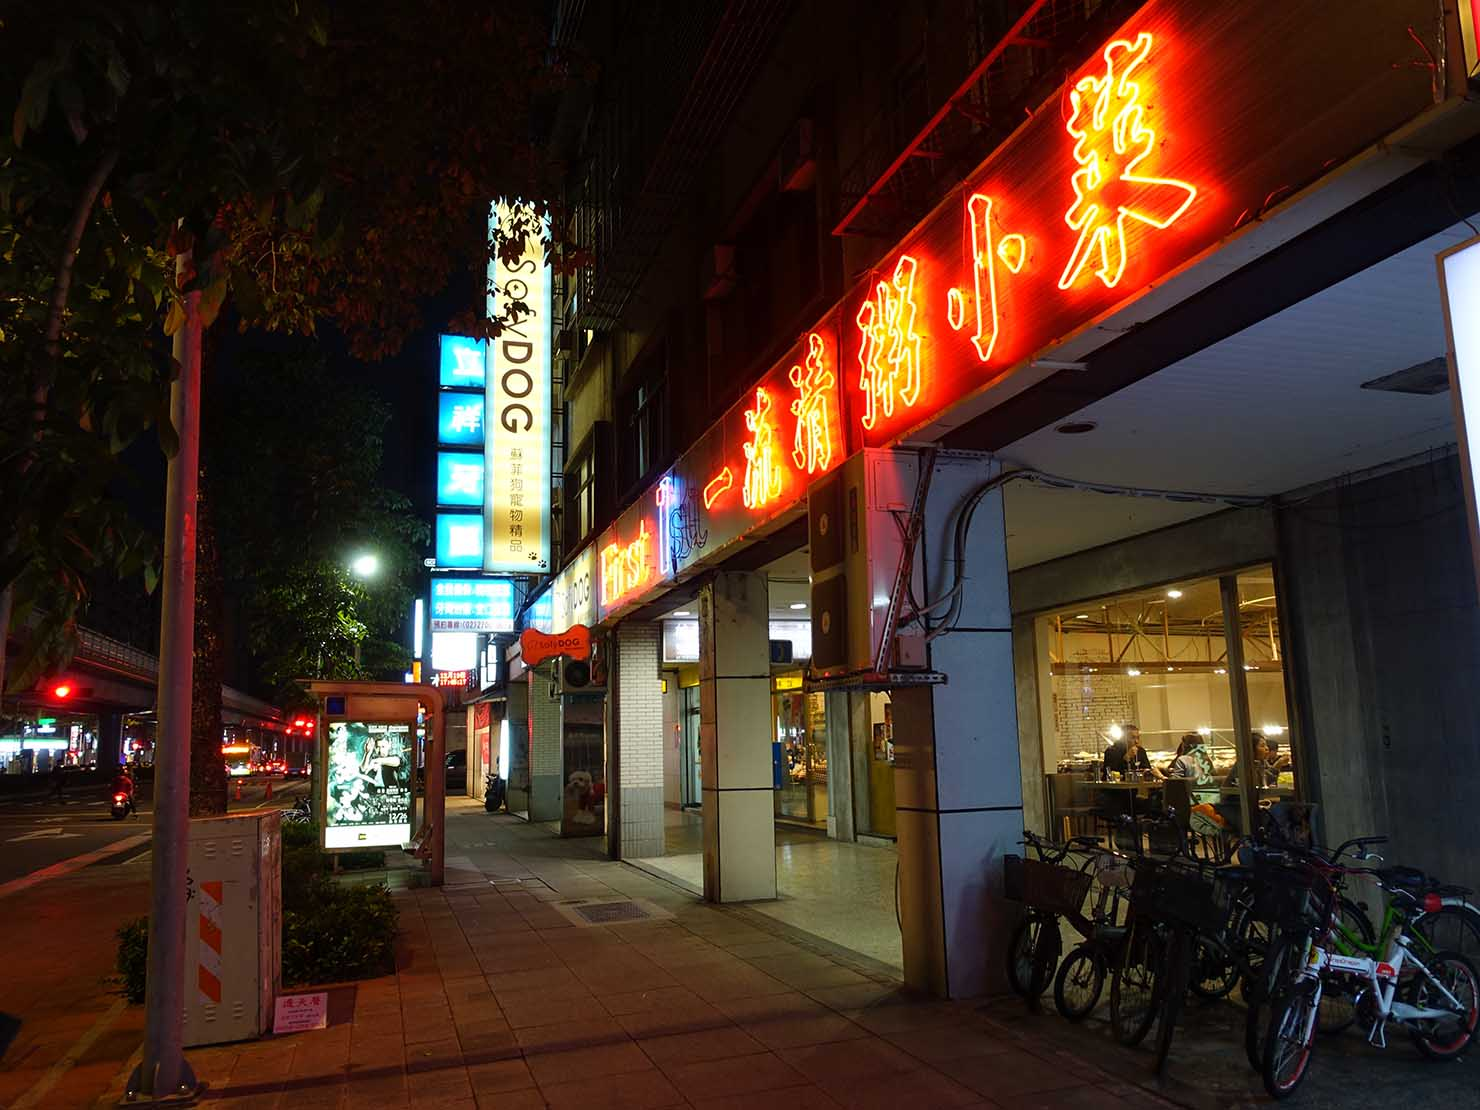 台北・清粥街(お粥街)にある「一流清粥小菜」夜の外観